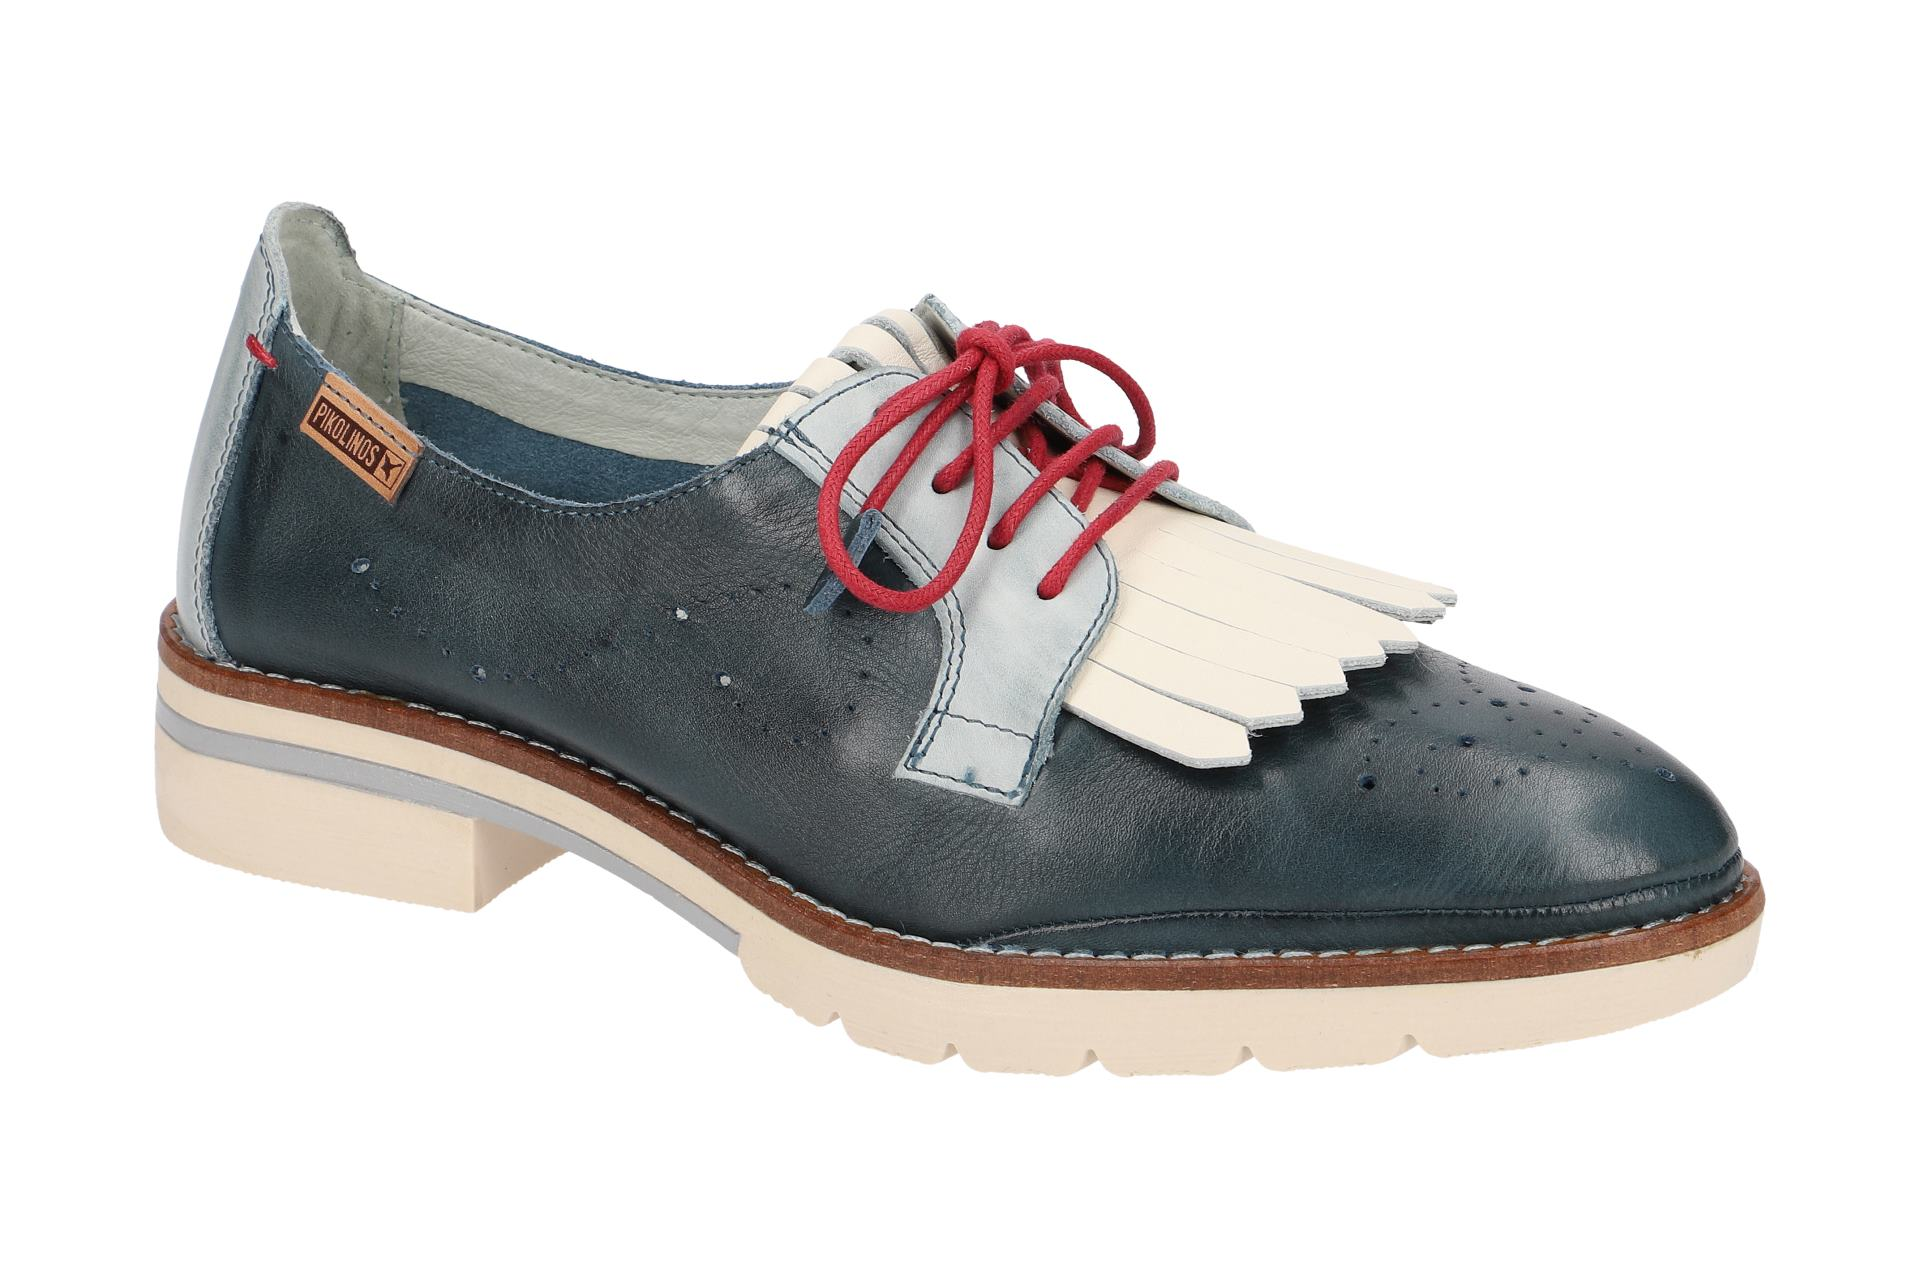 Pikolinos SITGES Damen Zapatos  - bequeme Schnür- Halb Halb Halb Zapatos  schwarz NEU 6f76a9